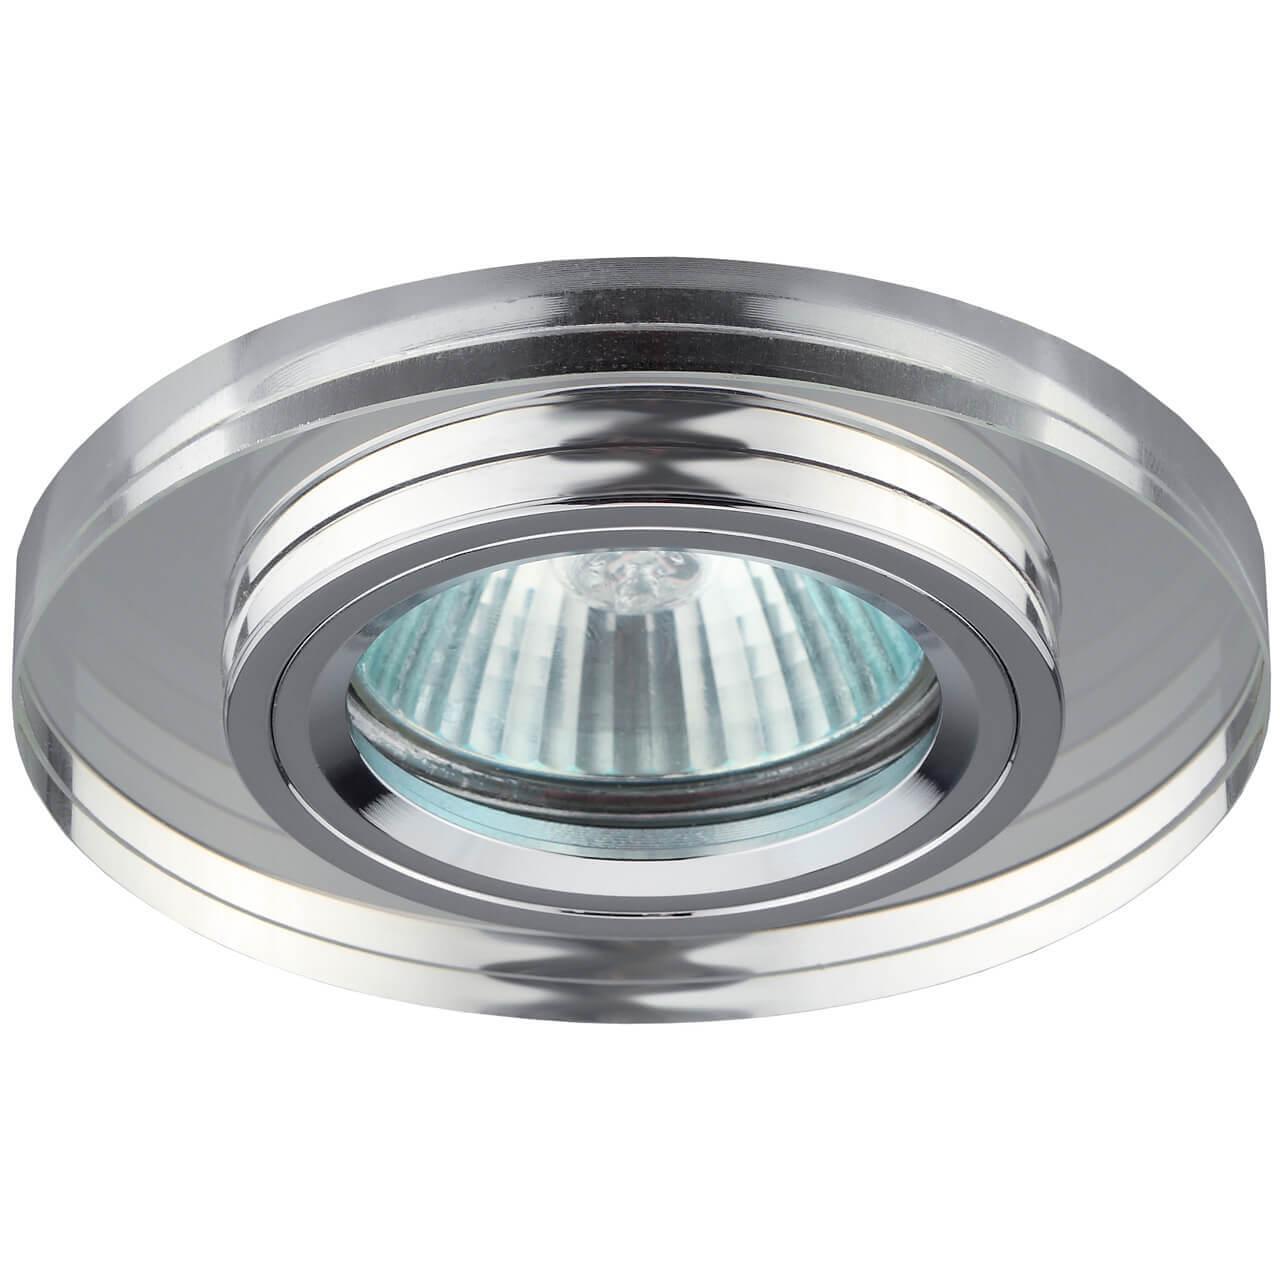 Встраиваемый светильник ЭРА Декор DK7 CH/WH